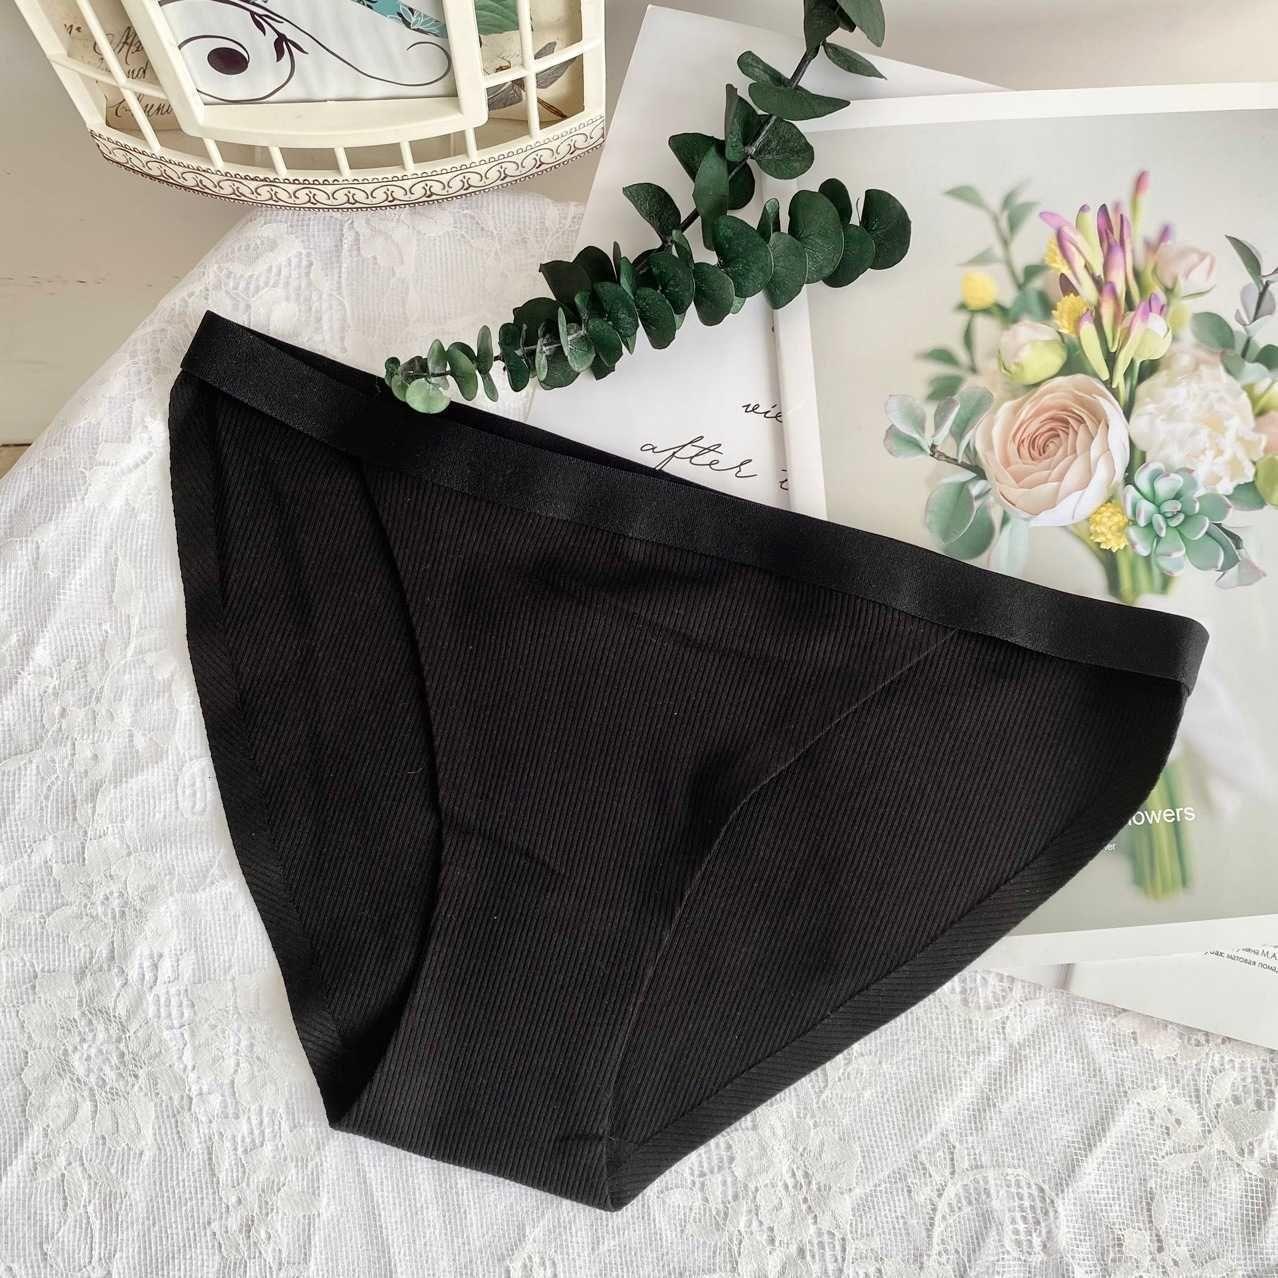 Panties XL Cinturino singolo in vita a vita bassa Colore a contrasto Adesivo da donna Adesivo di cotone di grandi dimensioni